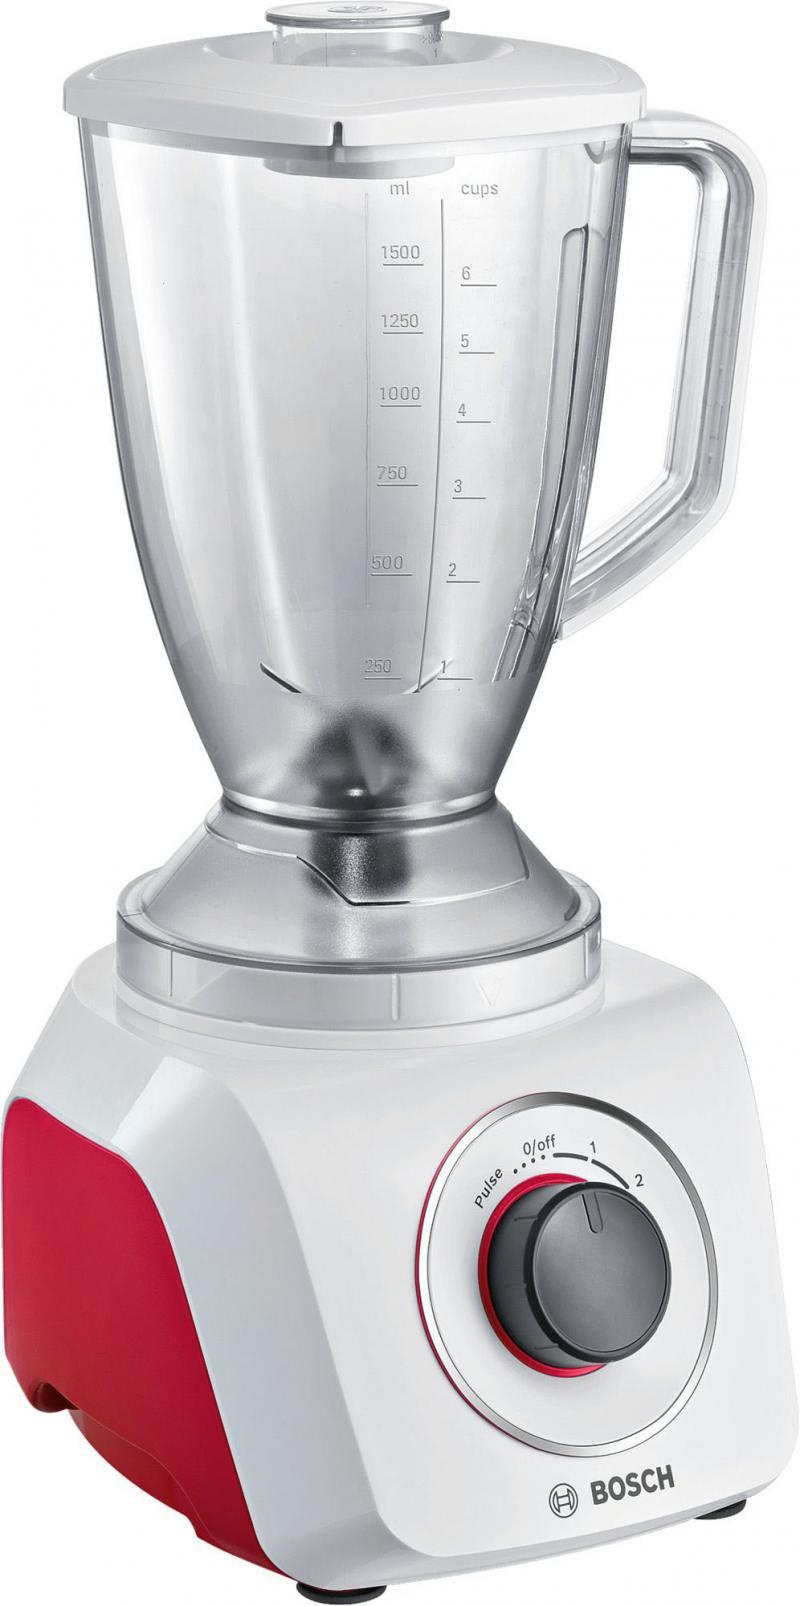 Блендер Bosch MMB21P0R блендер стационарный bosch mmb21p0r 500вт белый красный серый